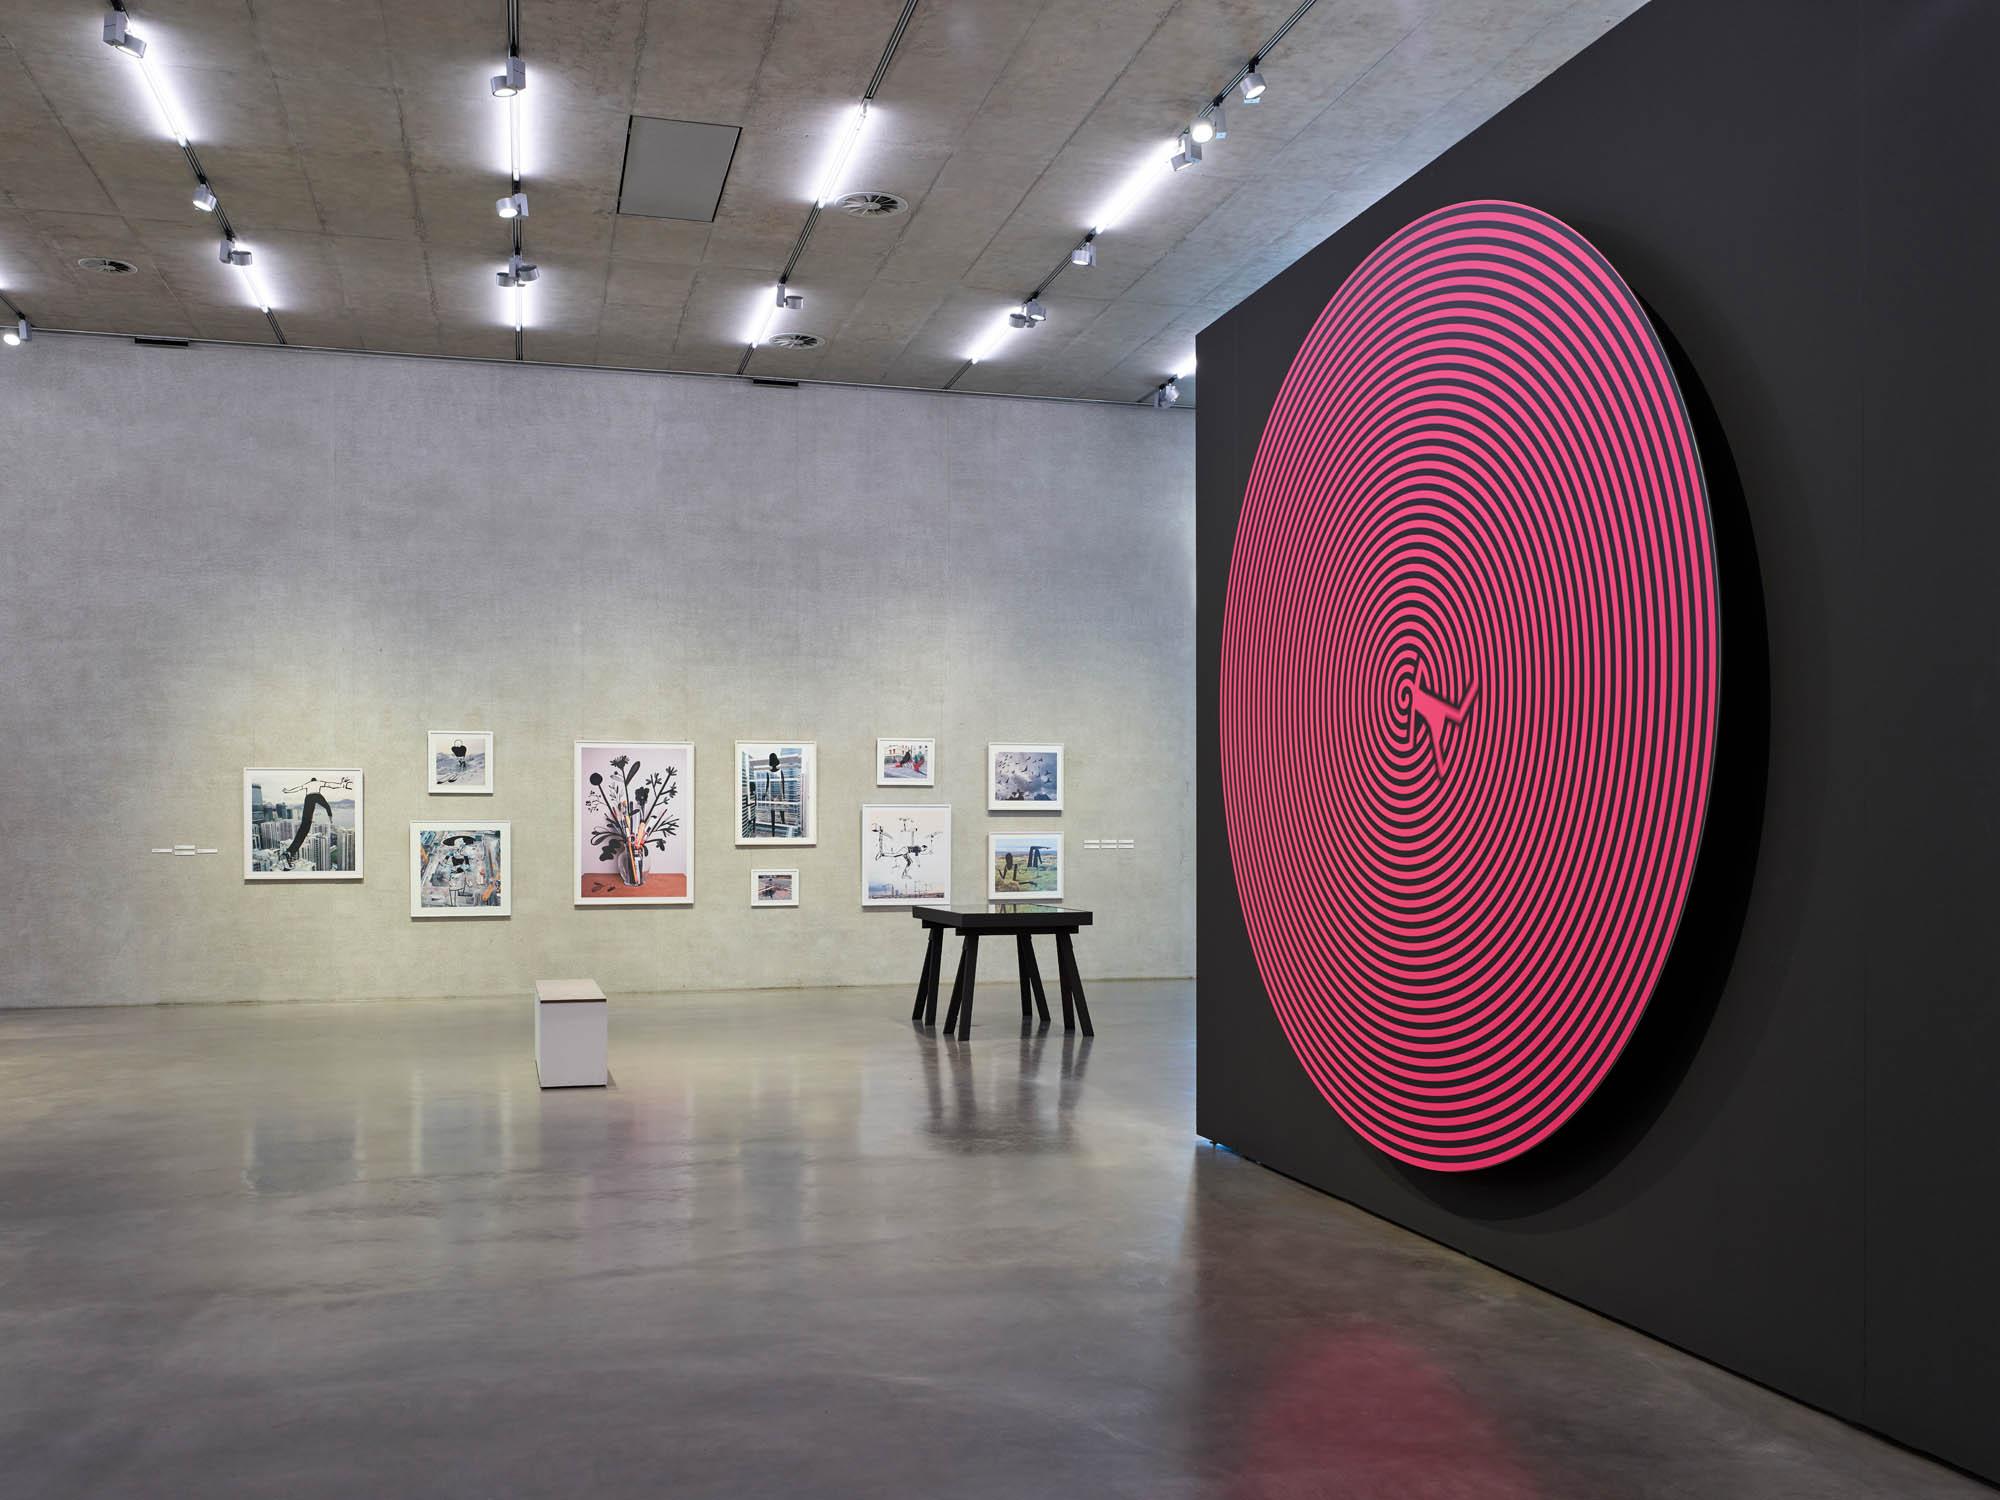 OPP170714  16636 - Galerie Stihl Waiblingen: Modern Times